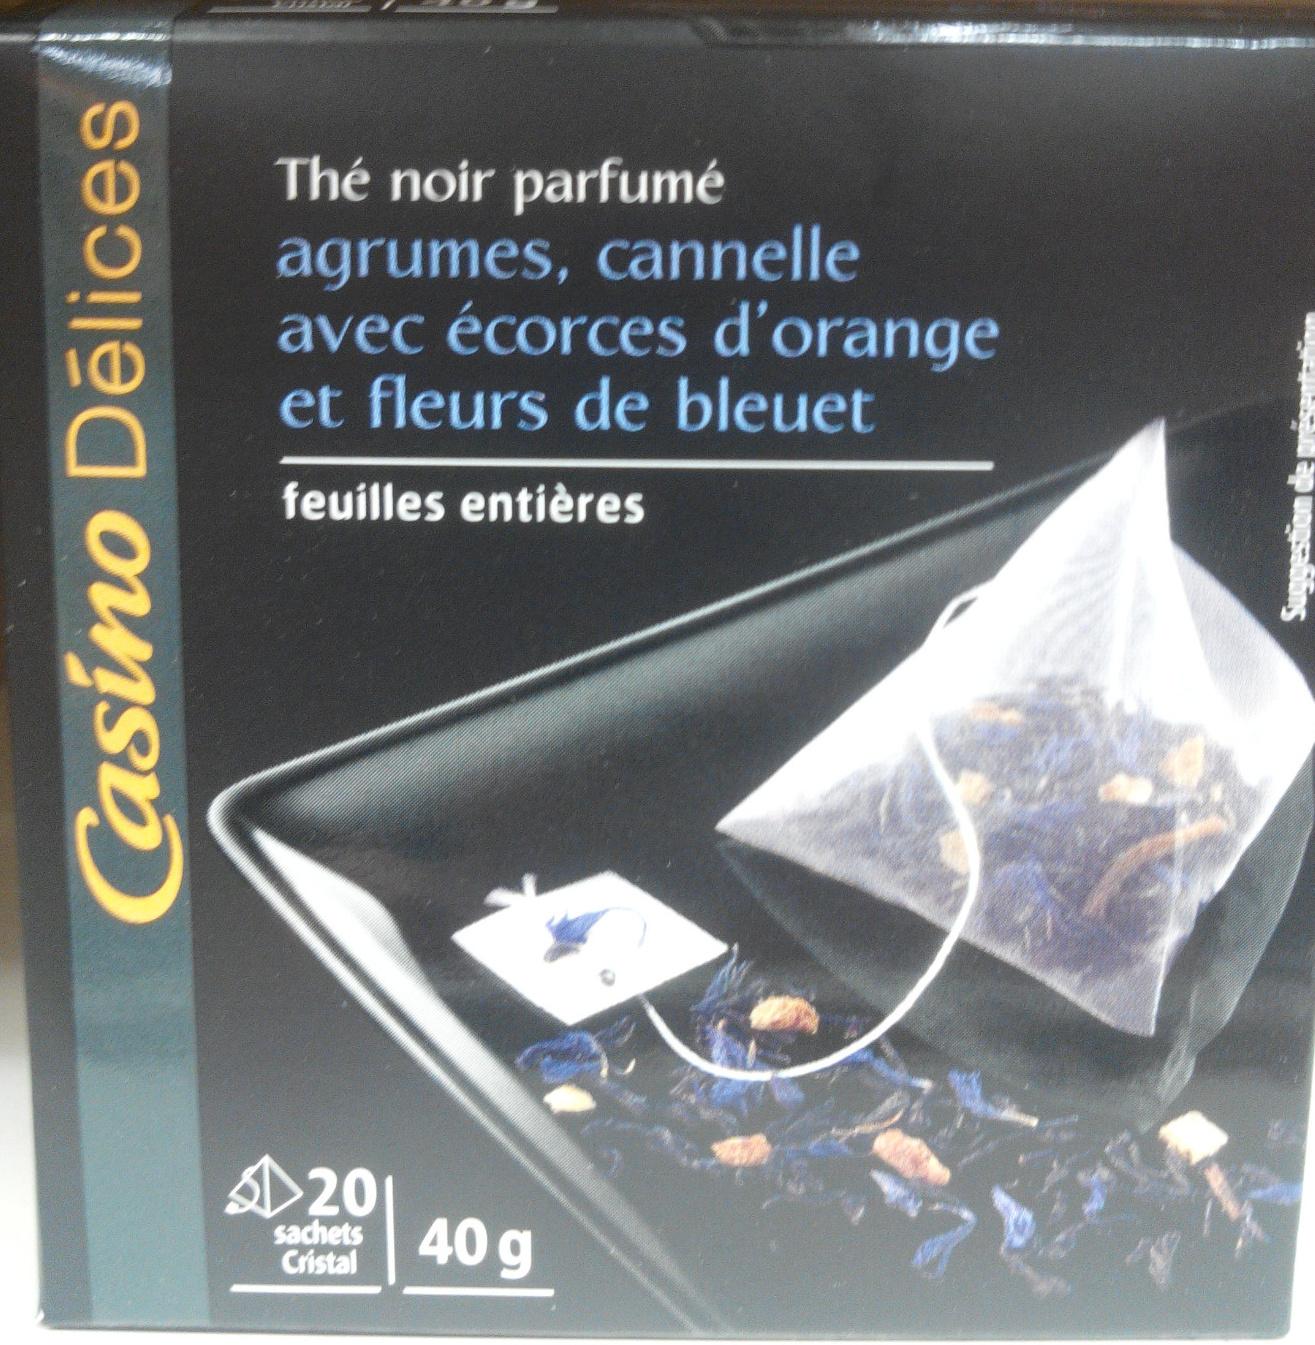 th noir parfum agrumes cannelle avec corces d 39 orange. Black Bedroom Furniture Sets. Home Design Ideas